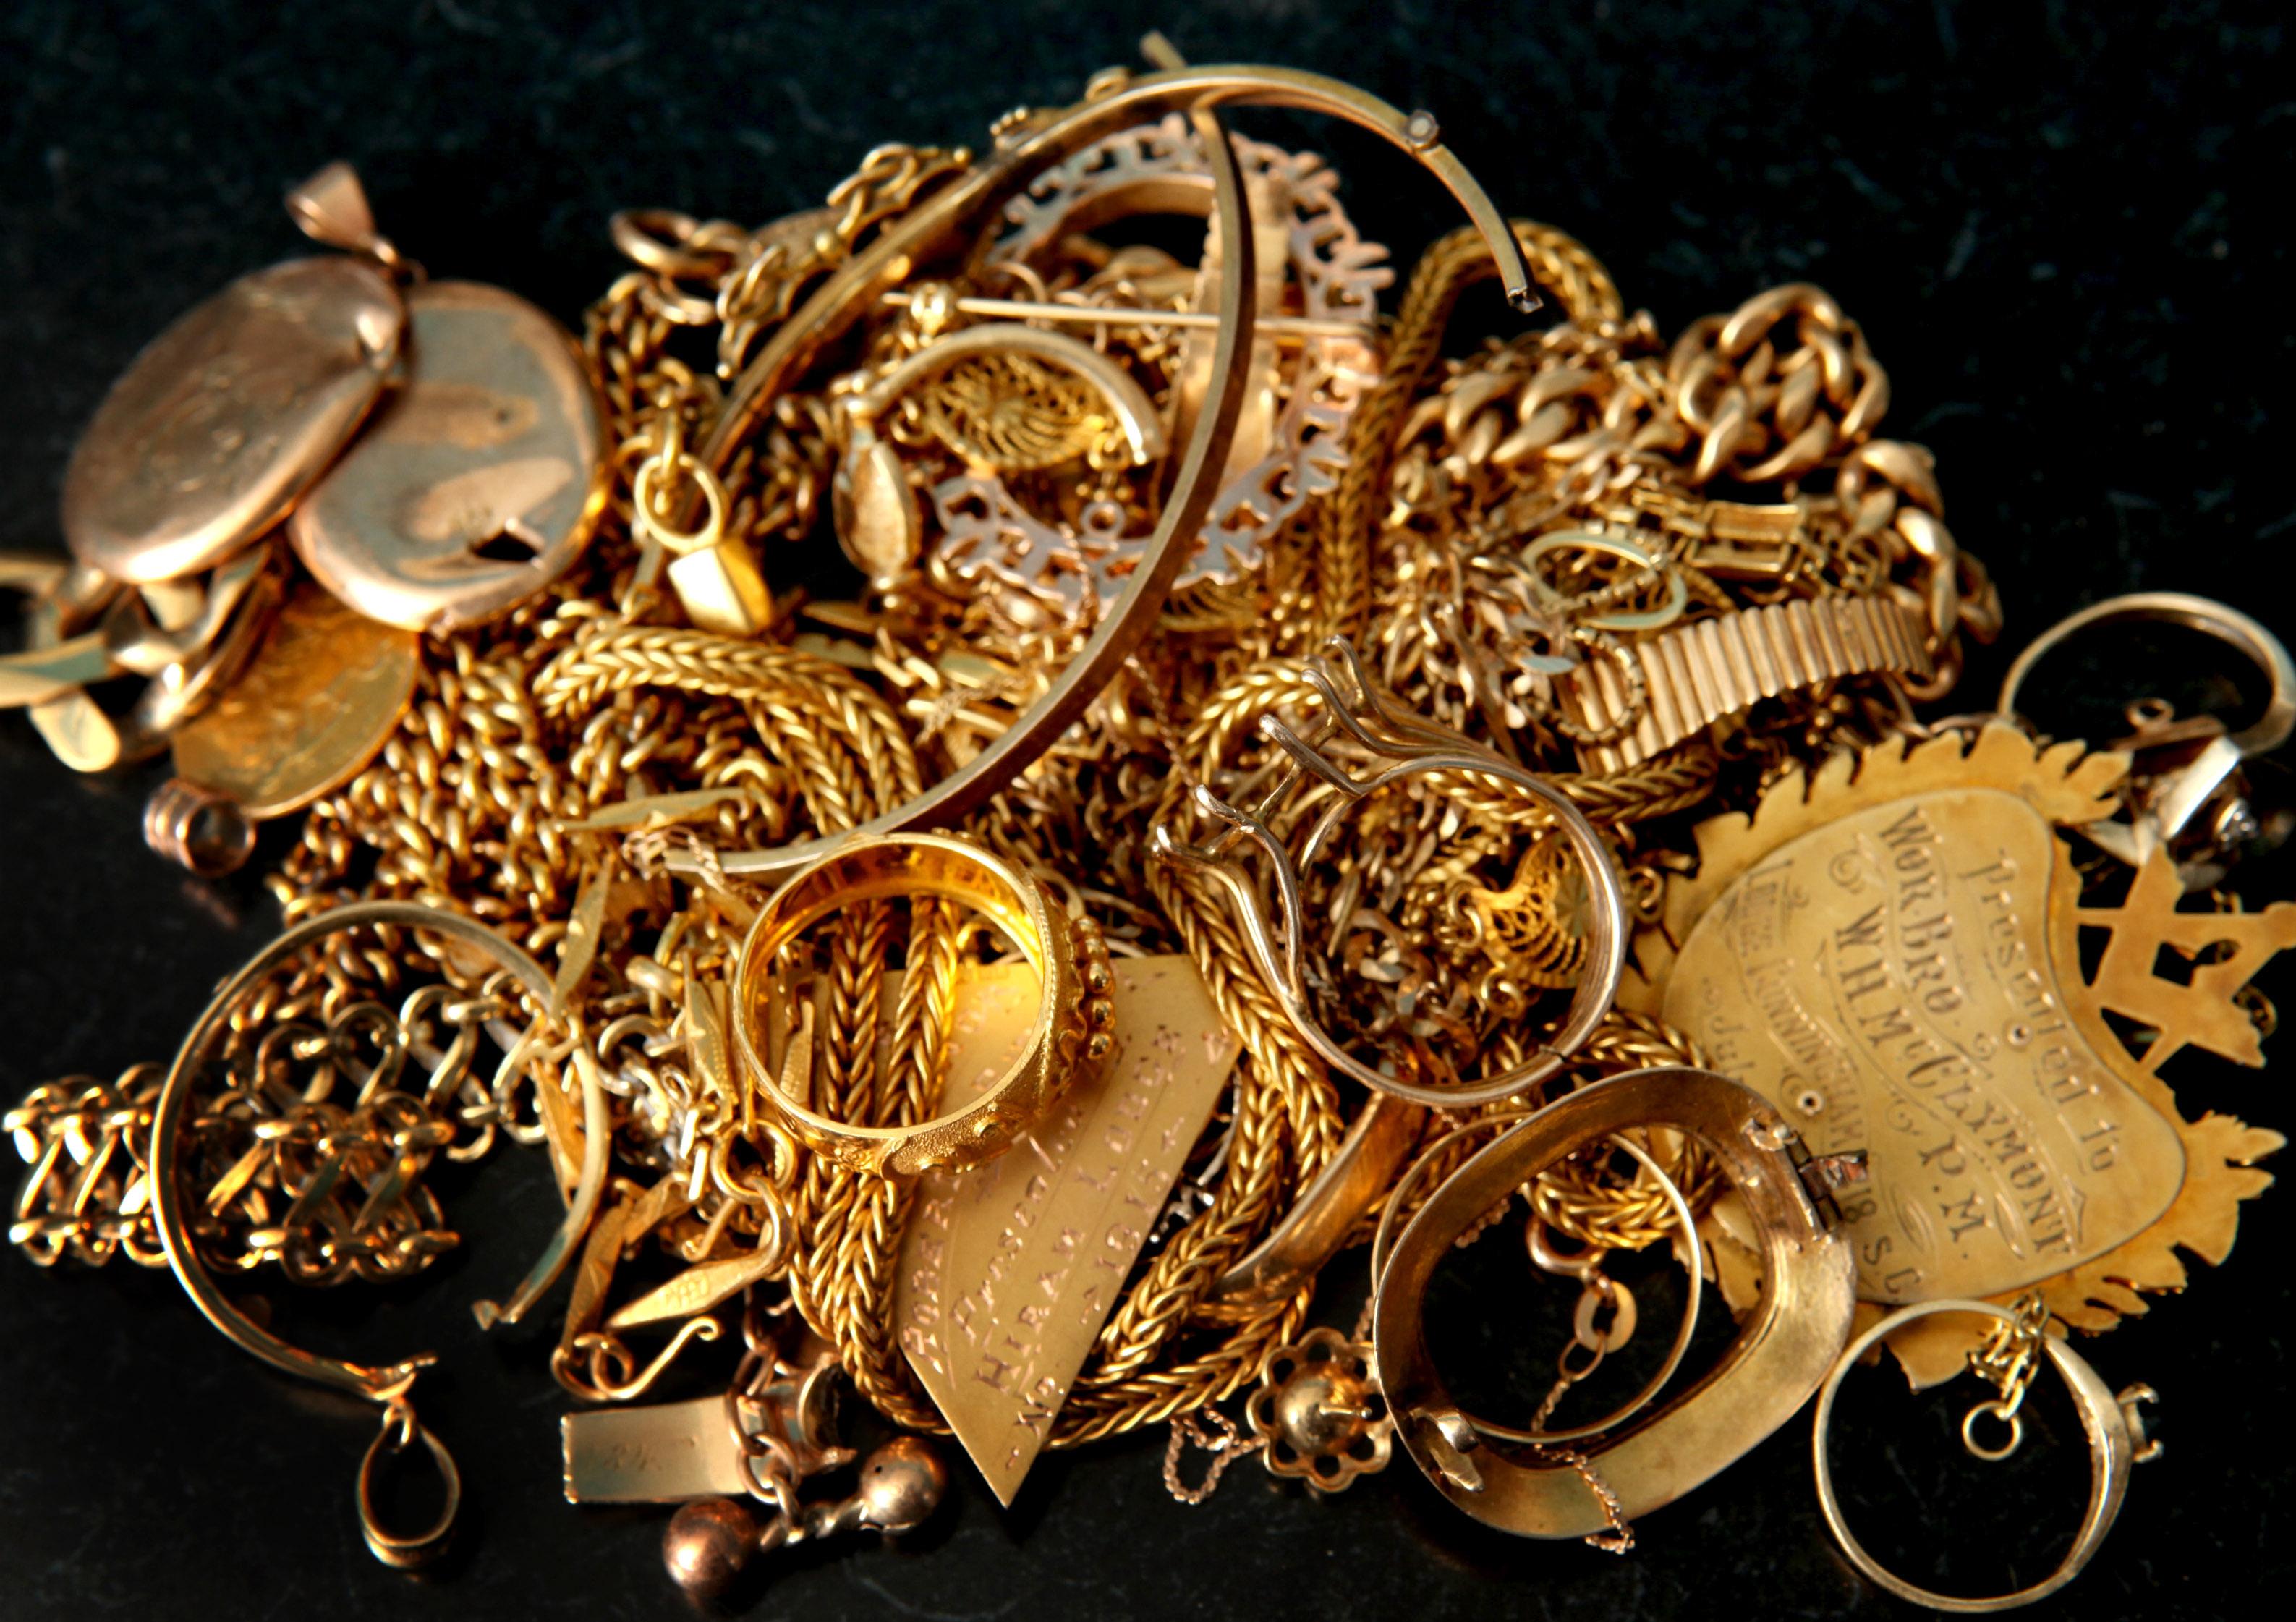 giá vàng hôm nay ngày 24/12/2015 tại thị trường trong nước đã mất mốc 33 triệu đồng/lượng ở chiều mua vào